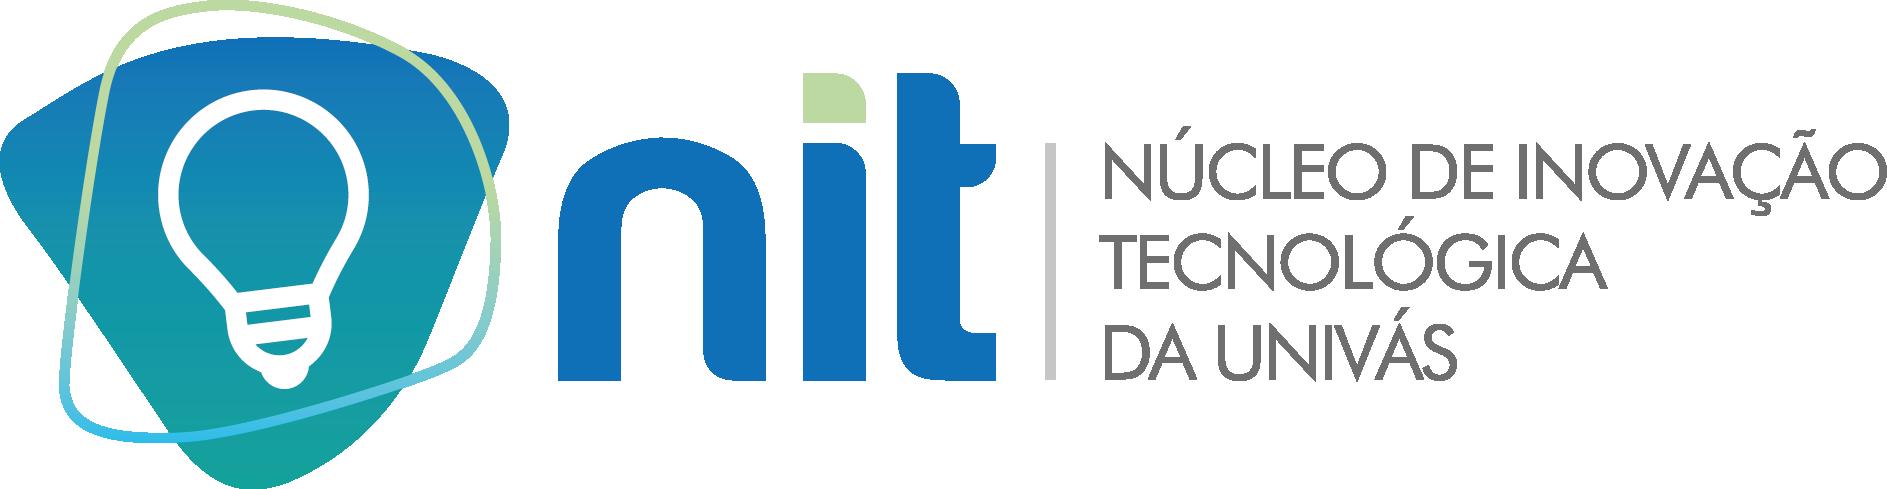 NIT - Núcleo de Inovação Tecnológica da Univás